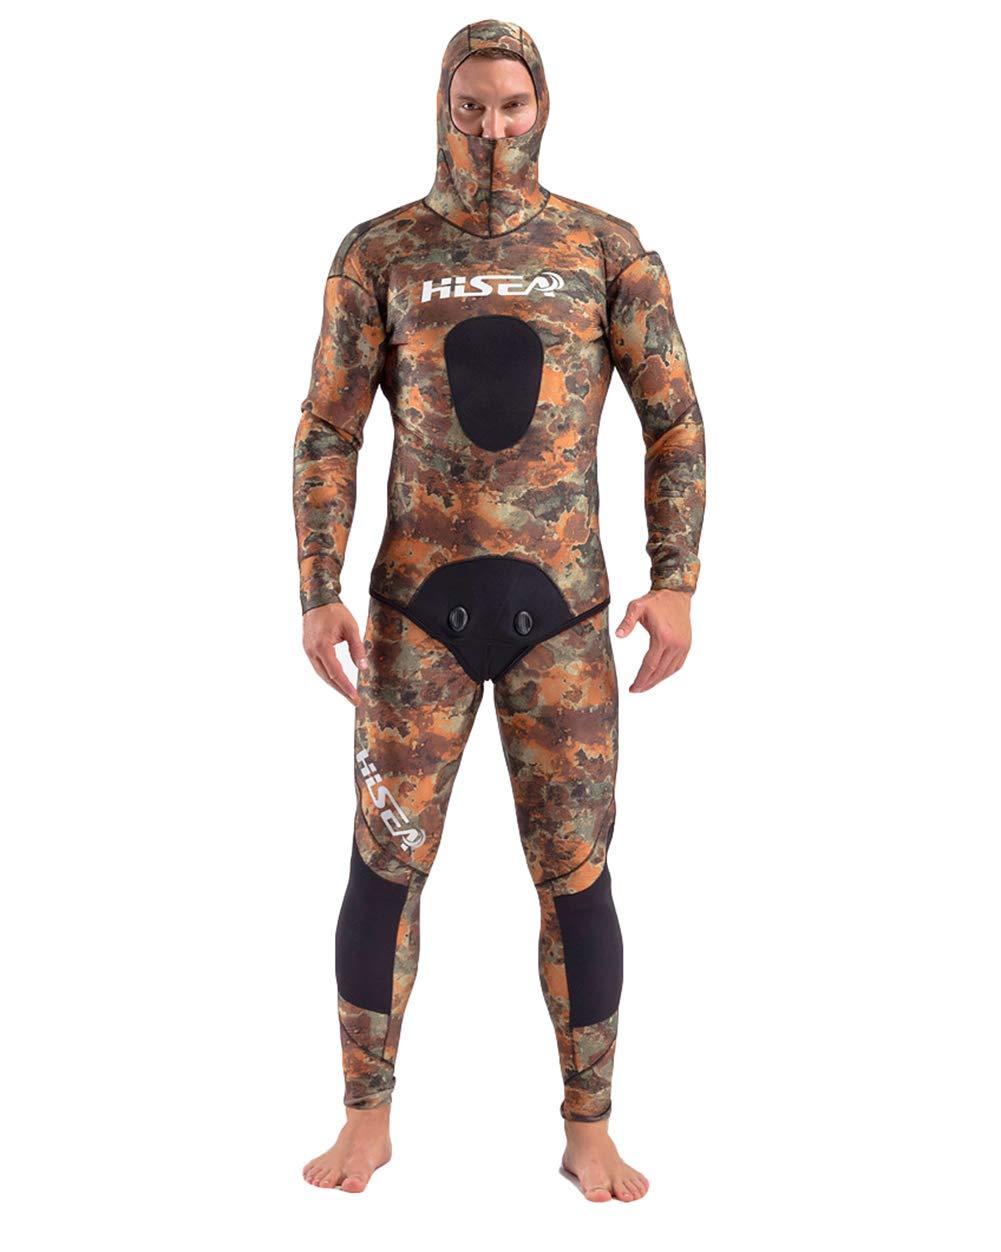 メンズ5ミリメートルパーカーウェットスーツカモネオプレンフルボディダイビングスーツスピアフィッシングスーツ2ピースフリーダイビングフルスーツスキューバダイビングシュノーケリング水泳,M  Medium